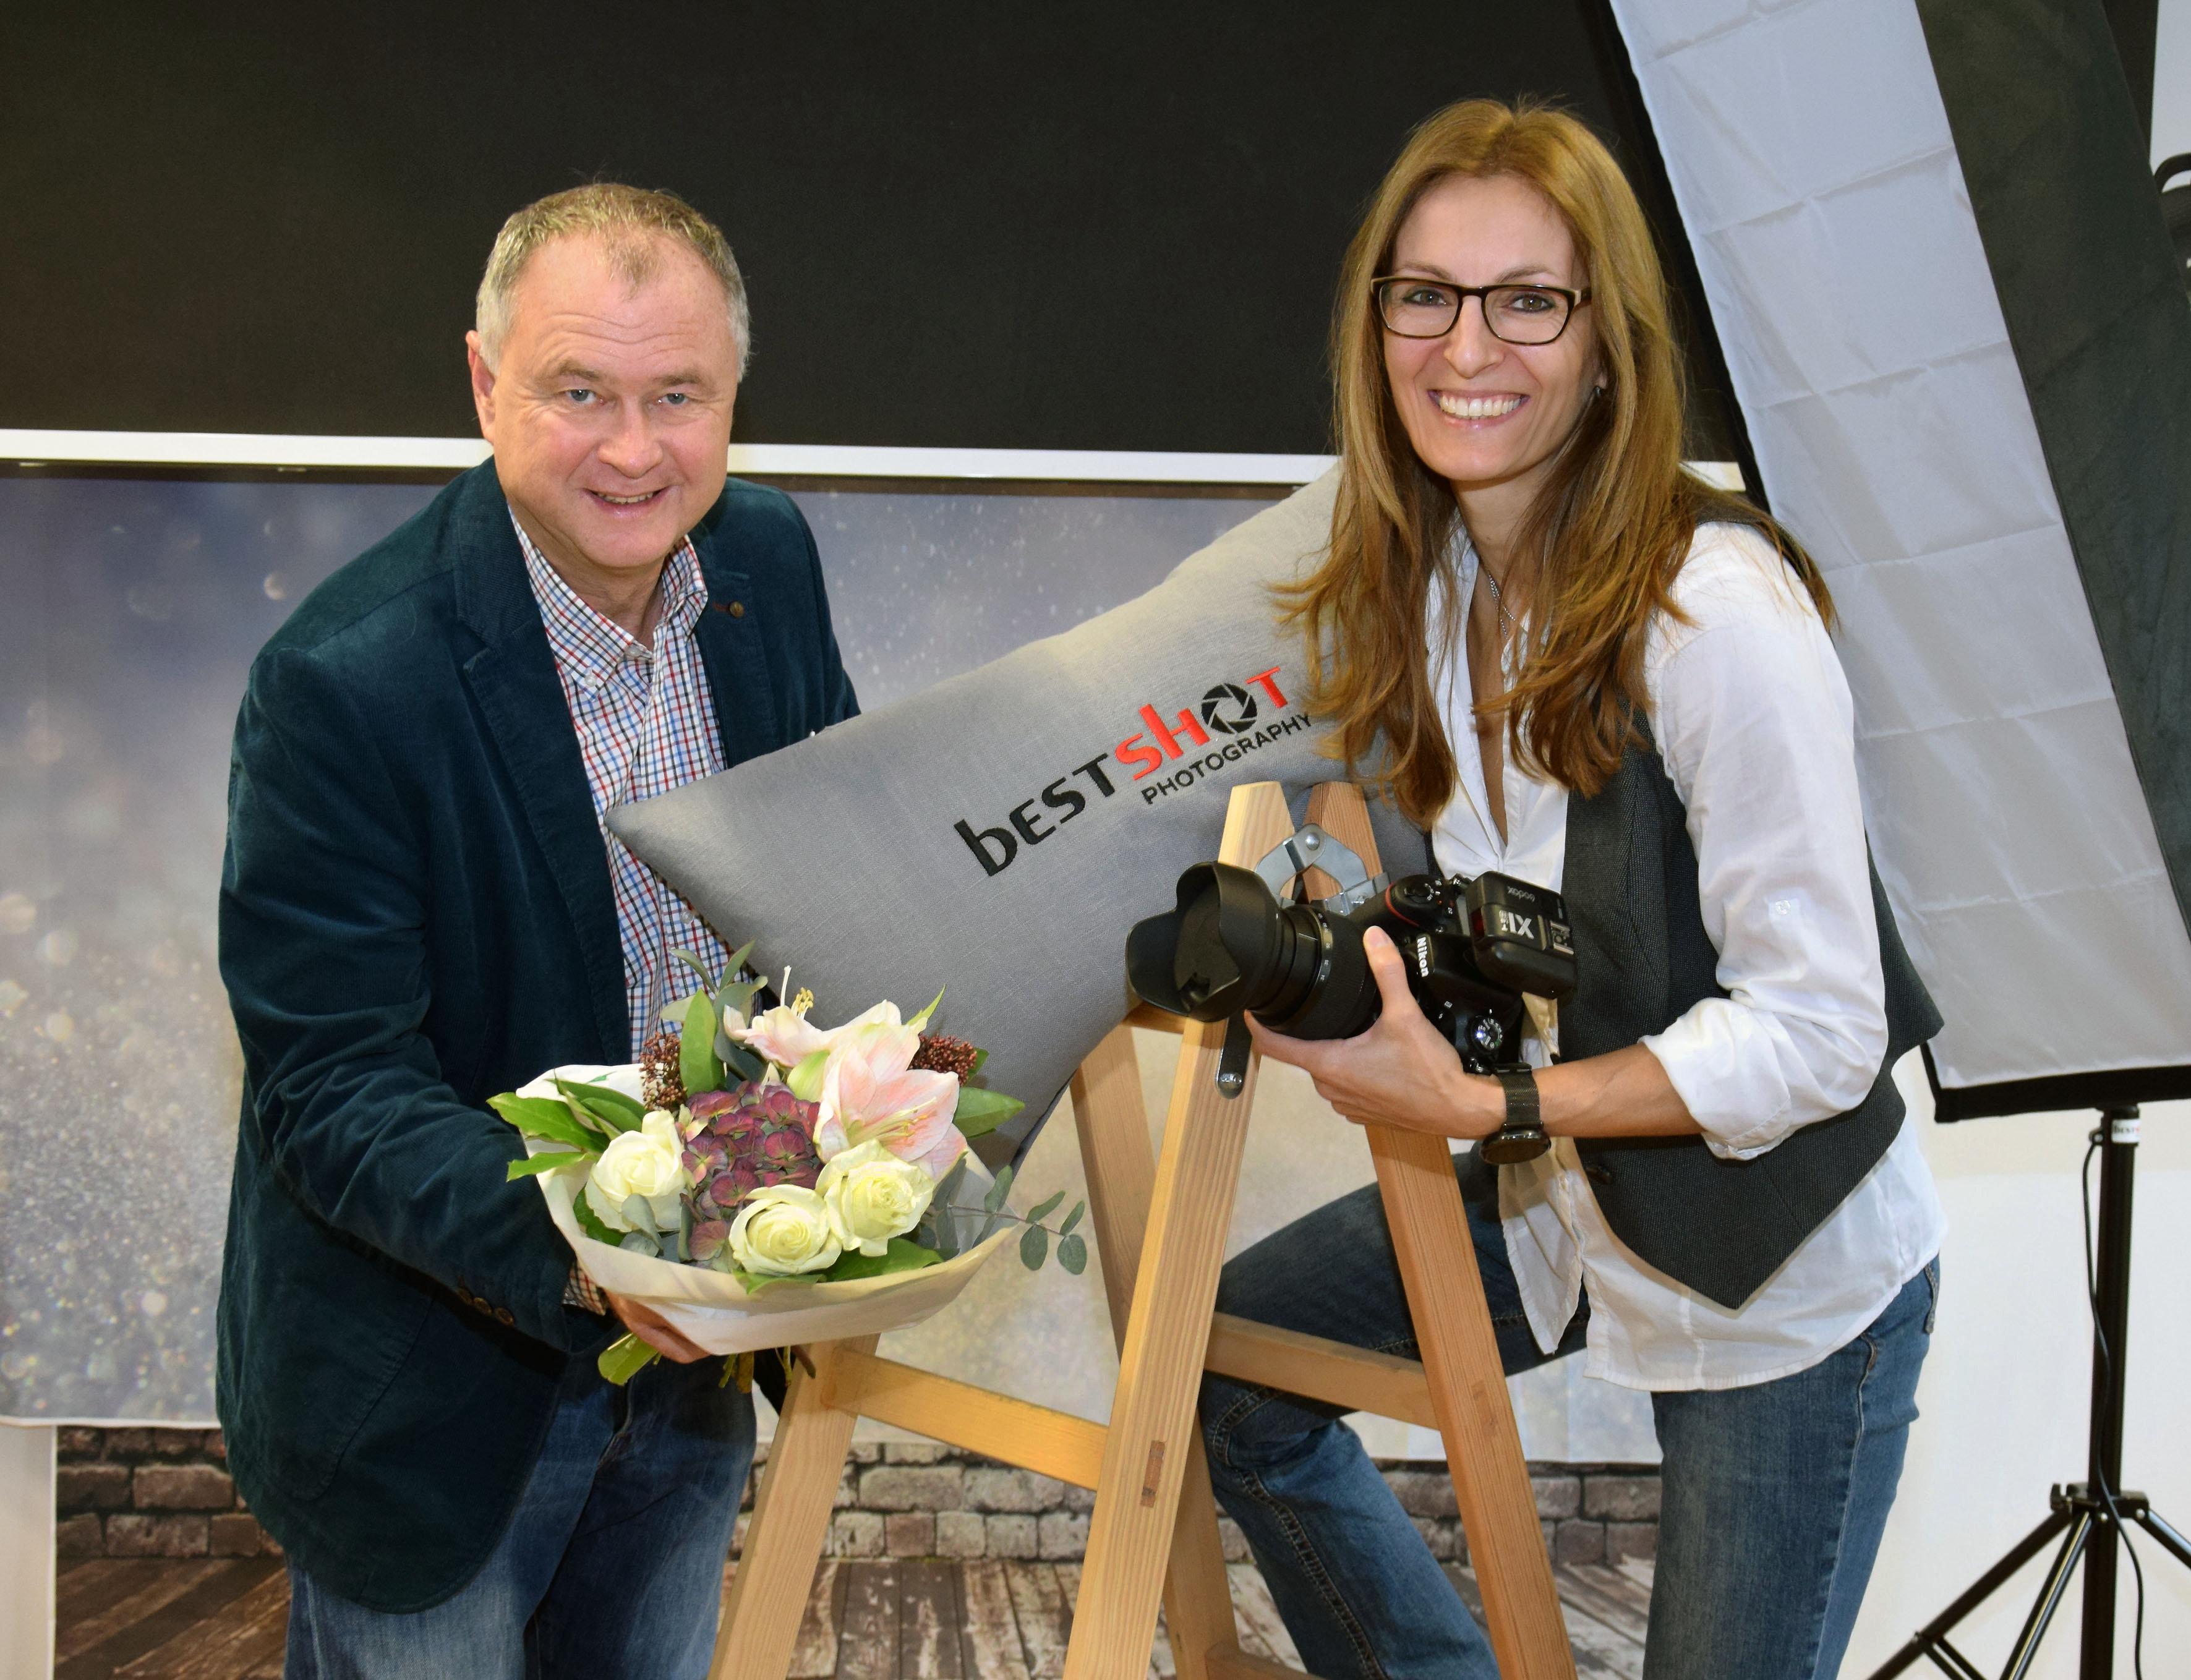 Der mödlinger Bürgermeister Hans Stefan Hintner mit Blumenstrauß und Meisterfotografin Raphaela Tod im Fotostudio